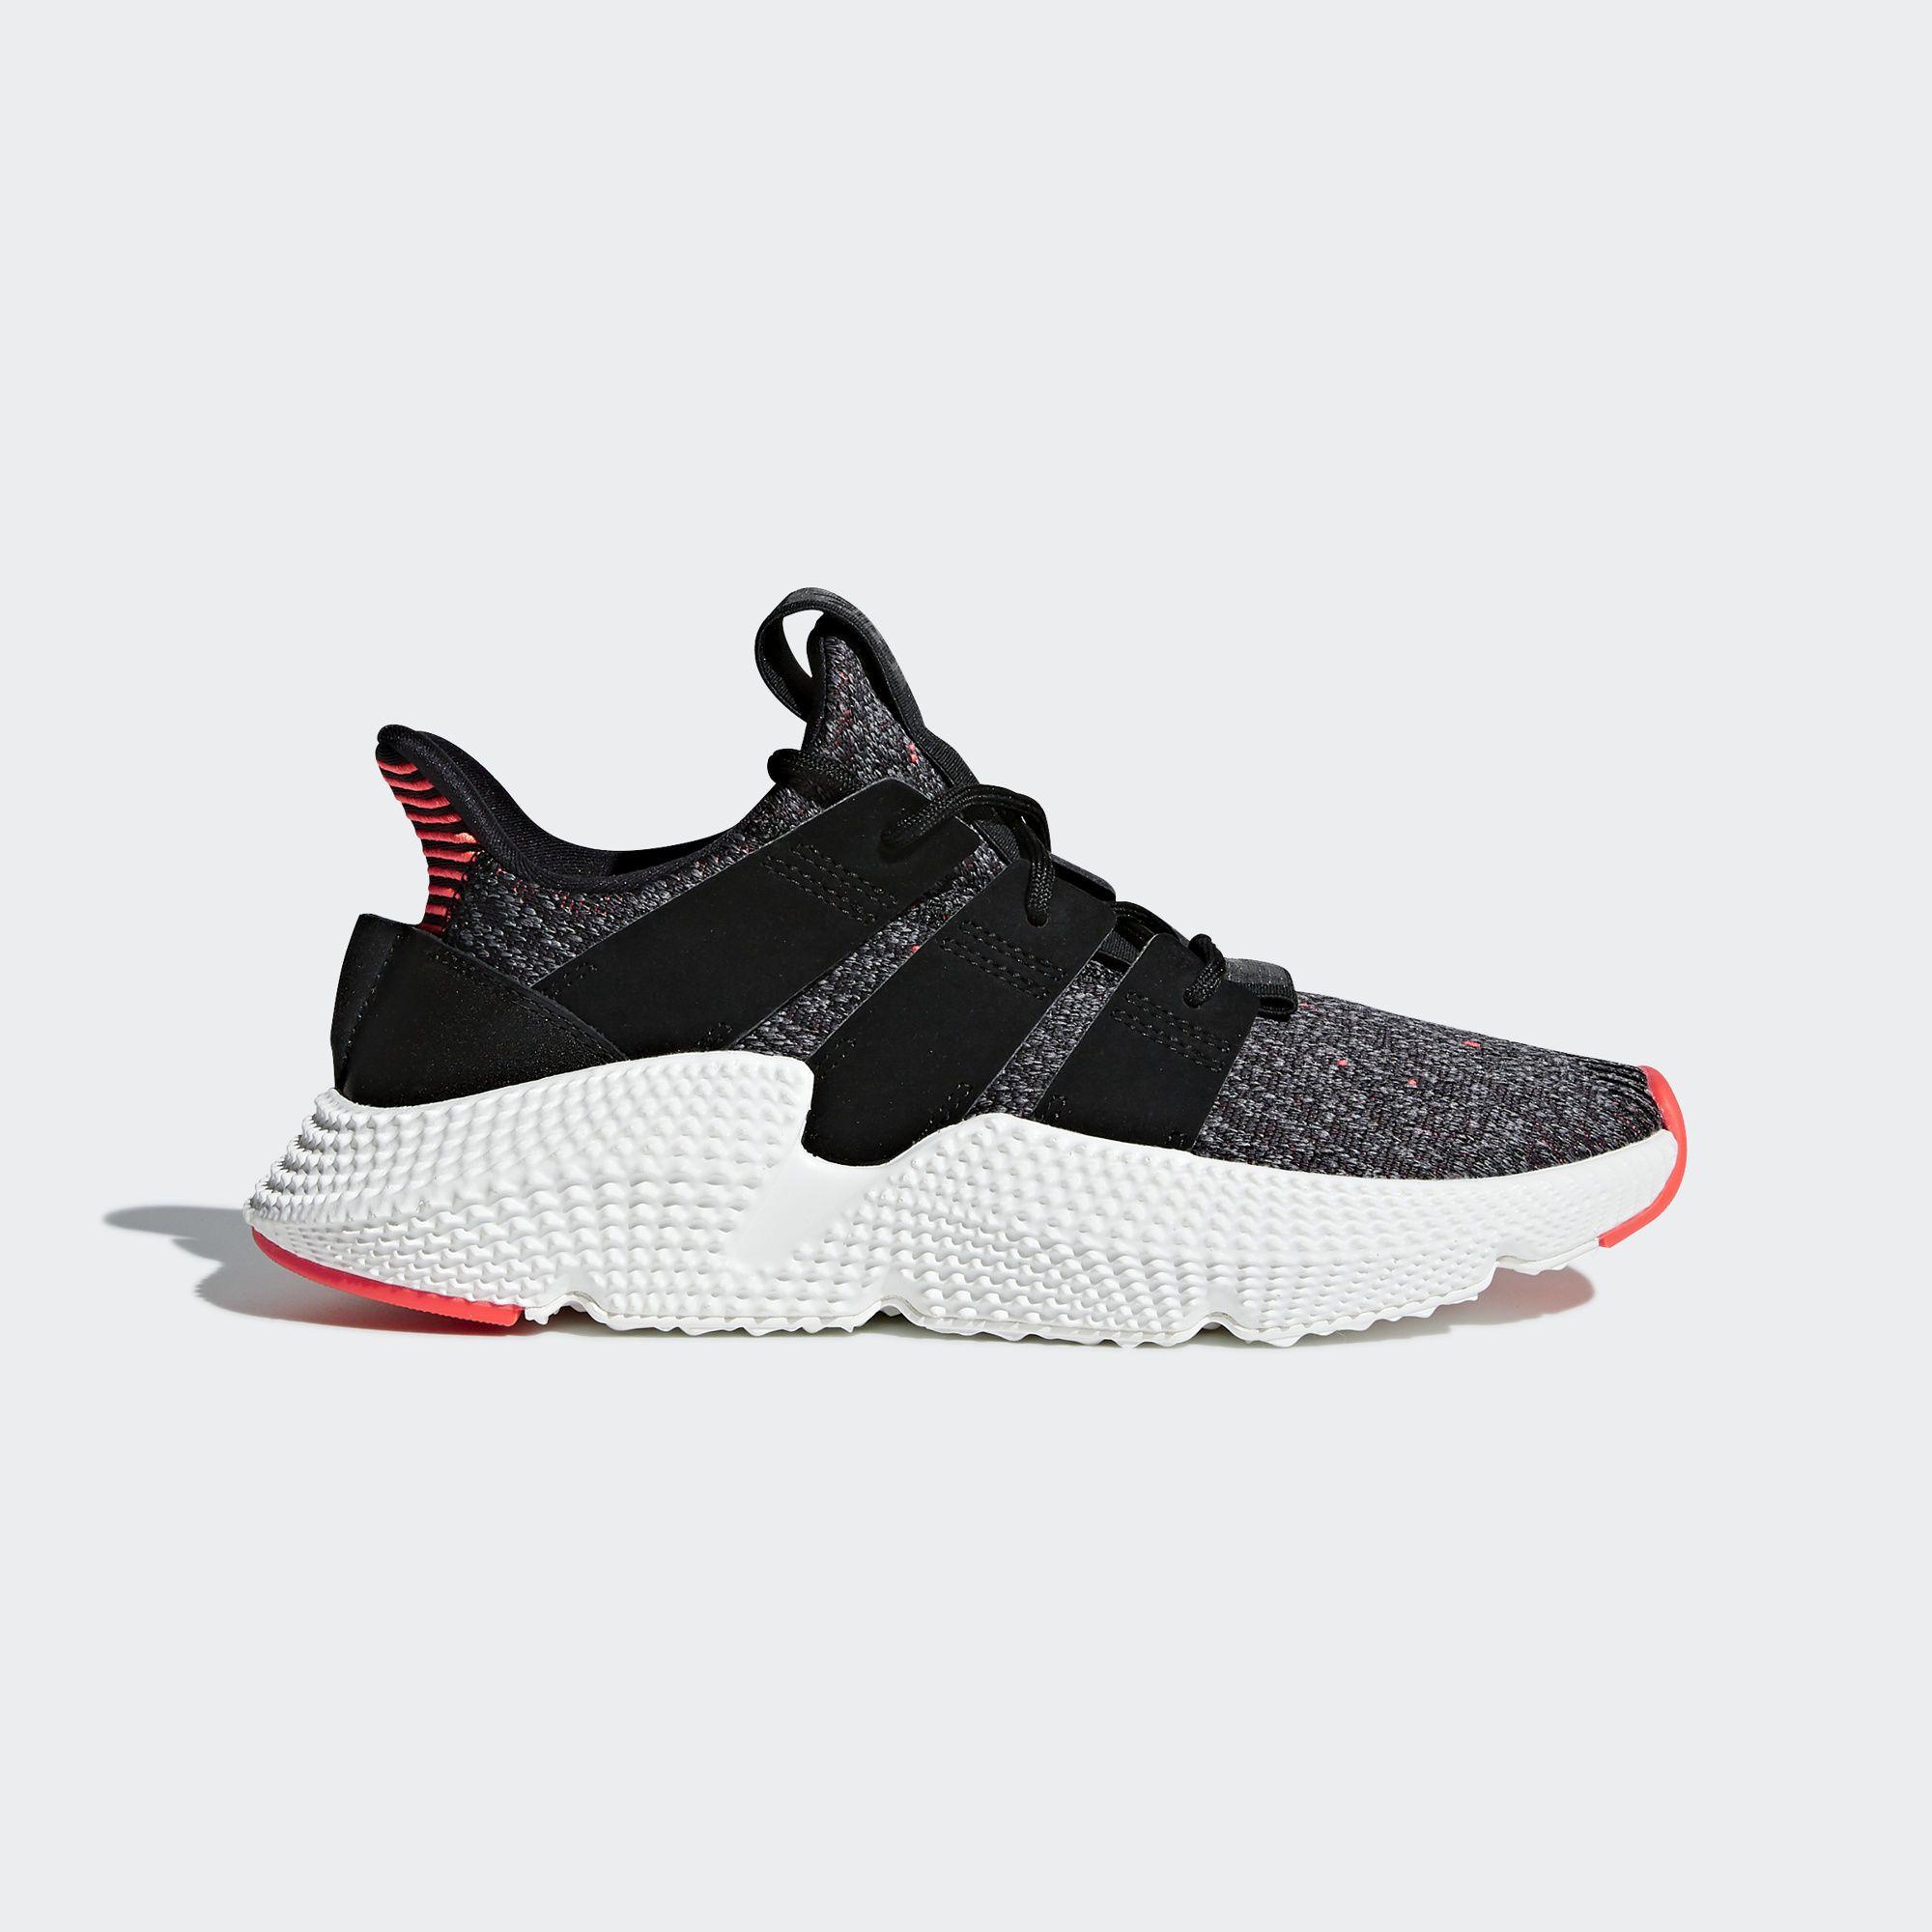 Adidas prophere zapatos zapatos de mujer adidas, Adidas negro y